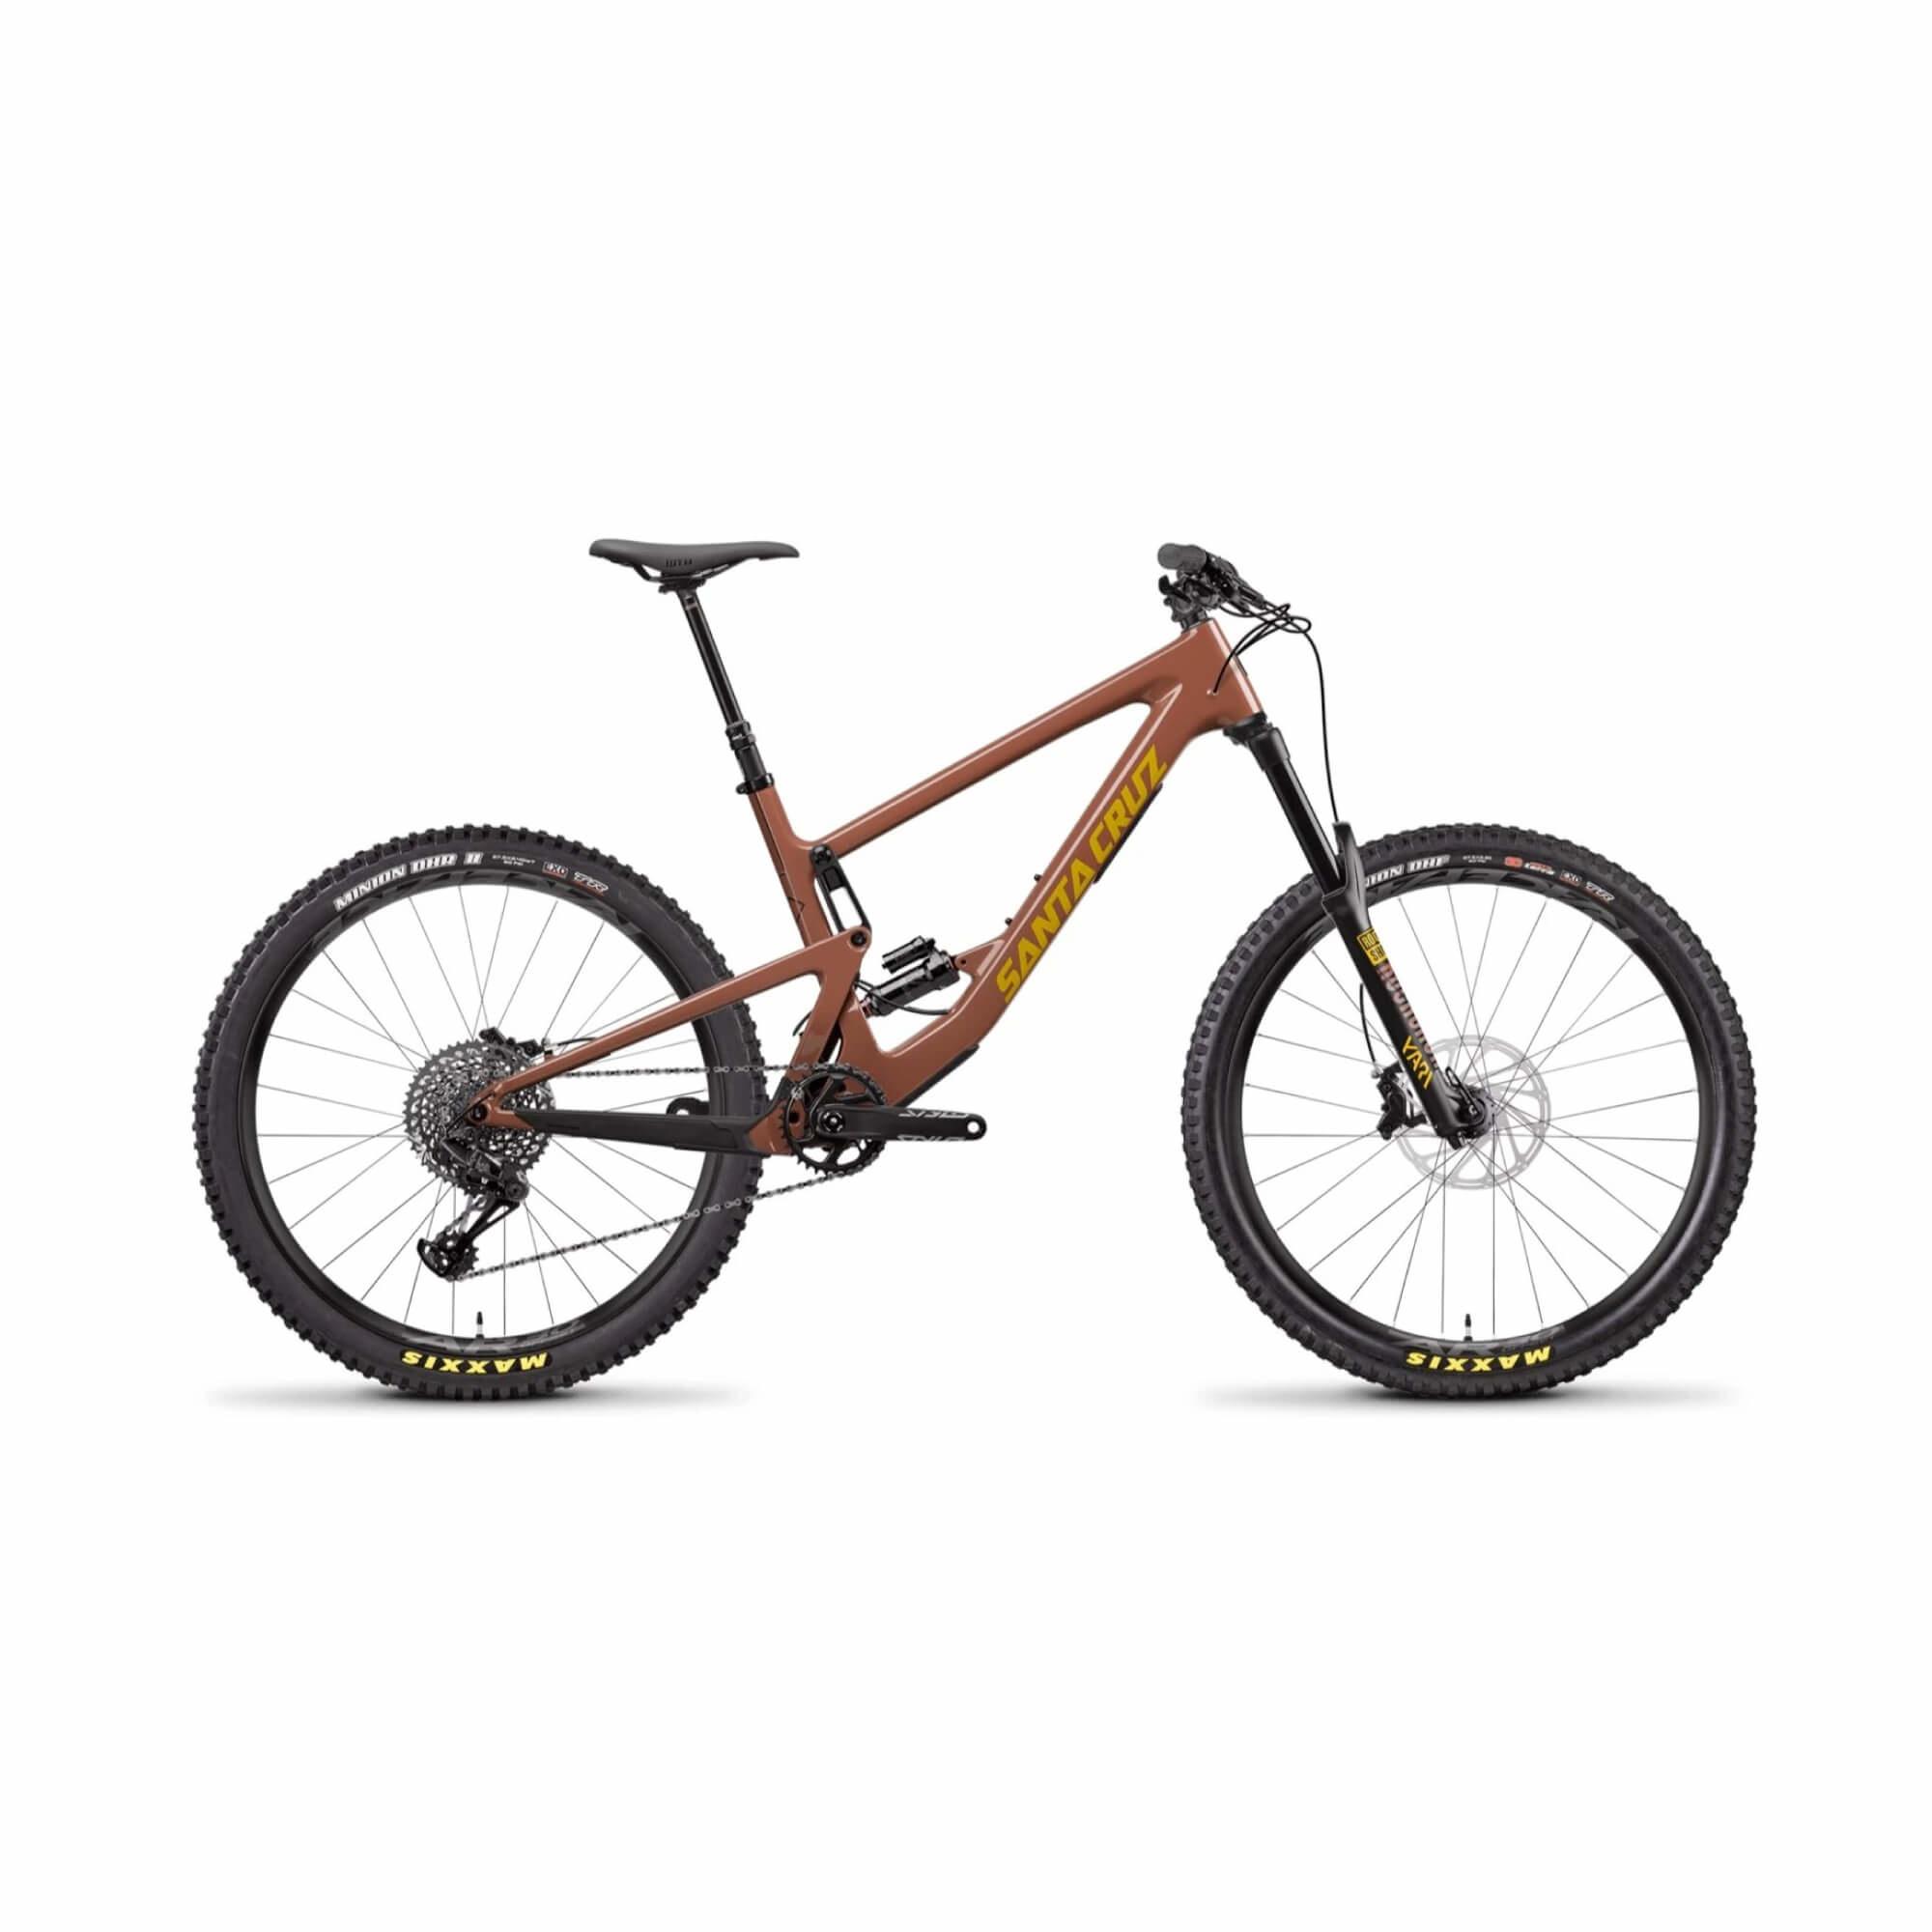 Bronson 3.0 C 27.5 S GX RS Lyrik Select + 160  2020-2